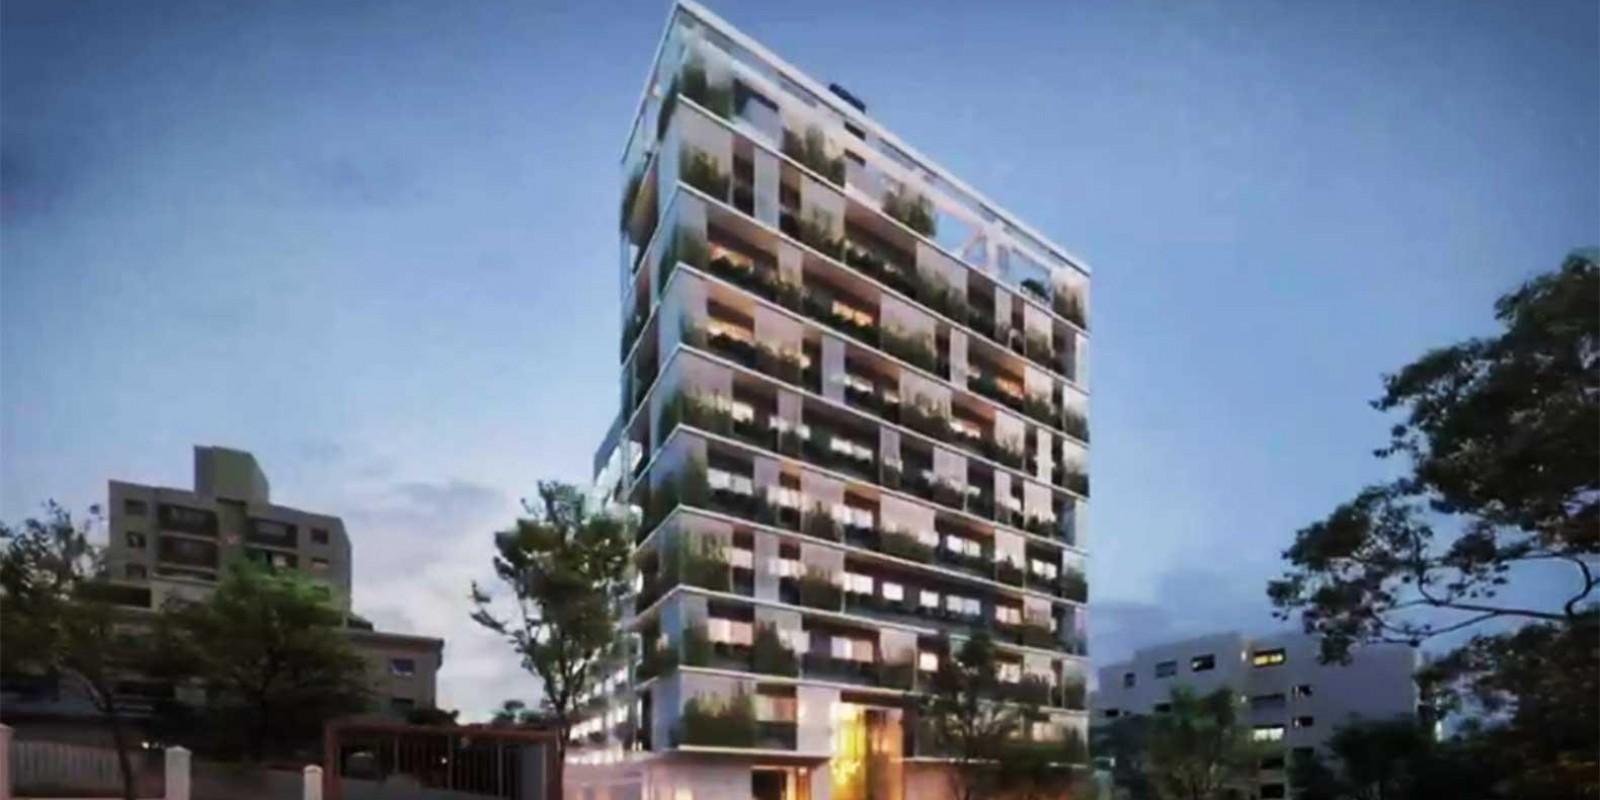 TPS Imóveis apresenta Apartamento a Venda 1 e 2 Dormitórios em Porto Alegre! Excelente imóvel a venda em Porto Alegre